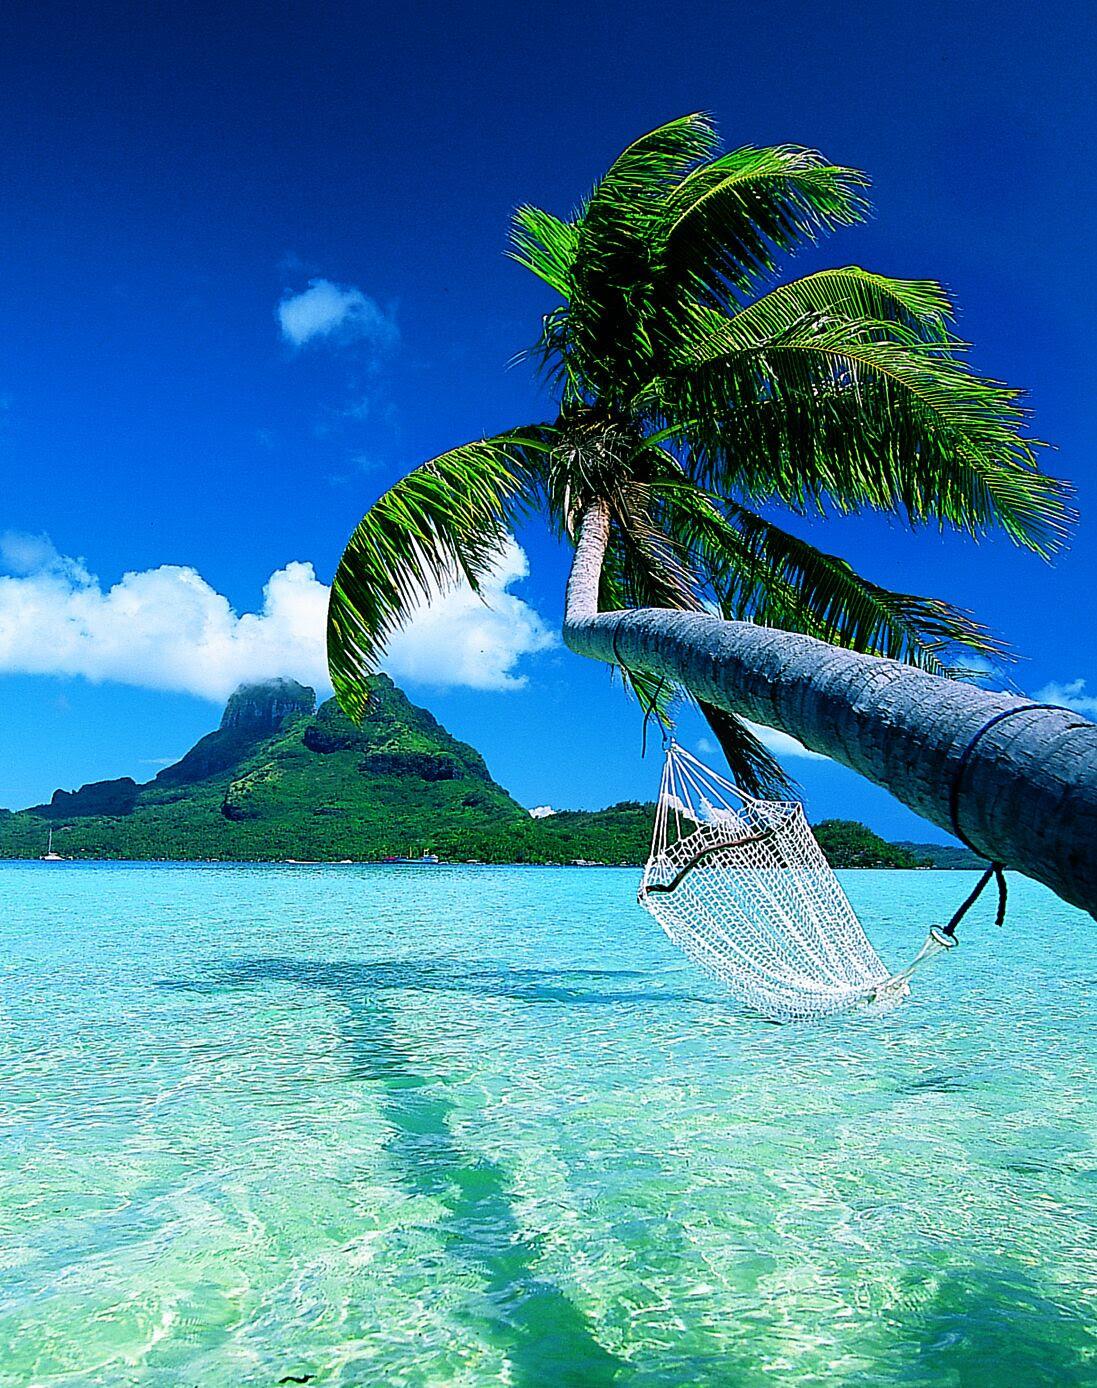 Top 10 Romantic Destinations for 2011  Covington Travel